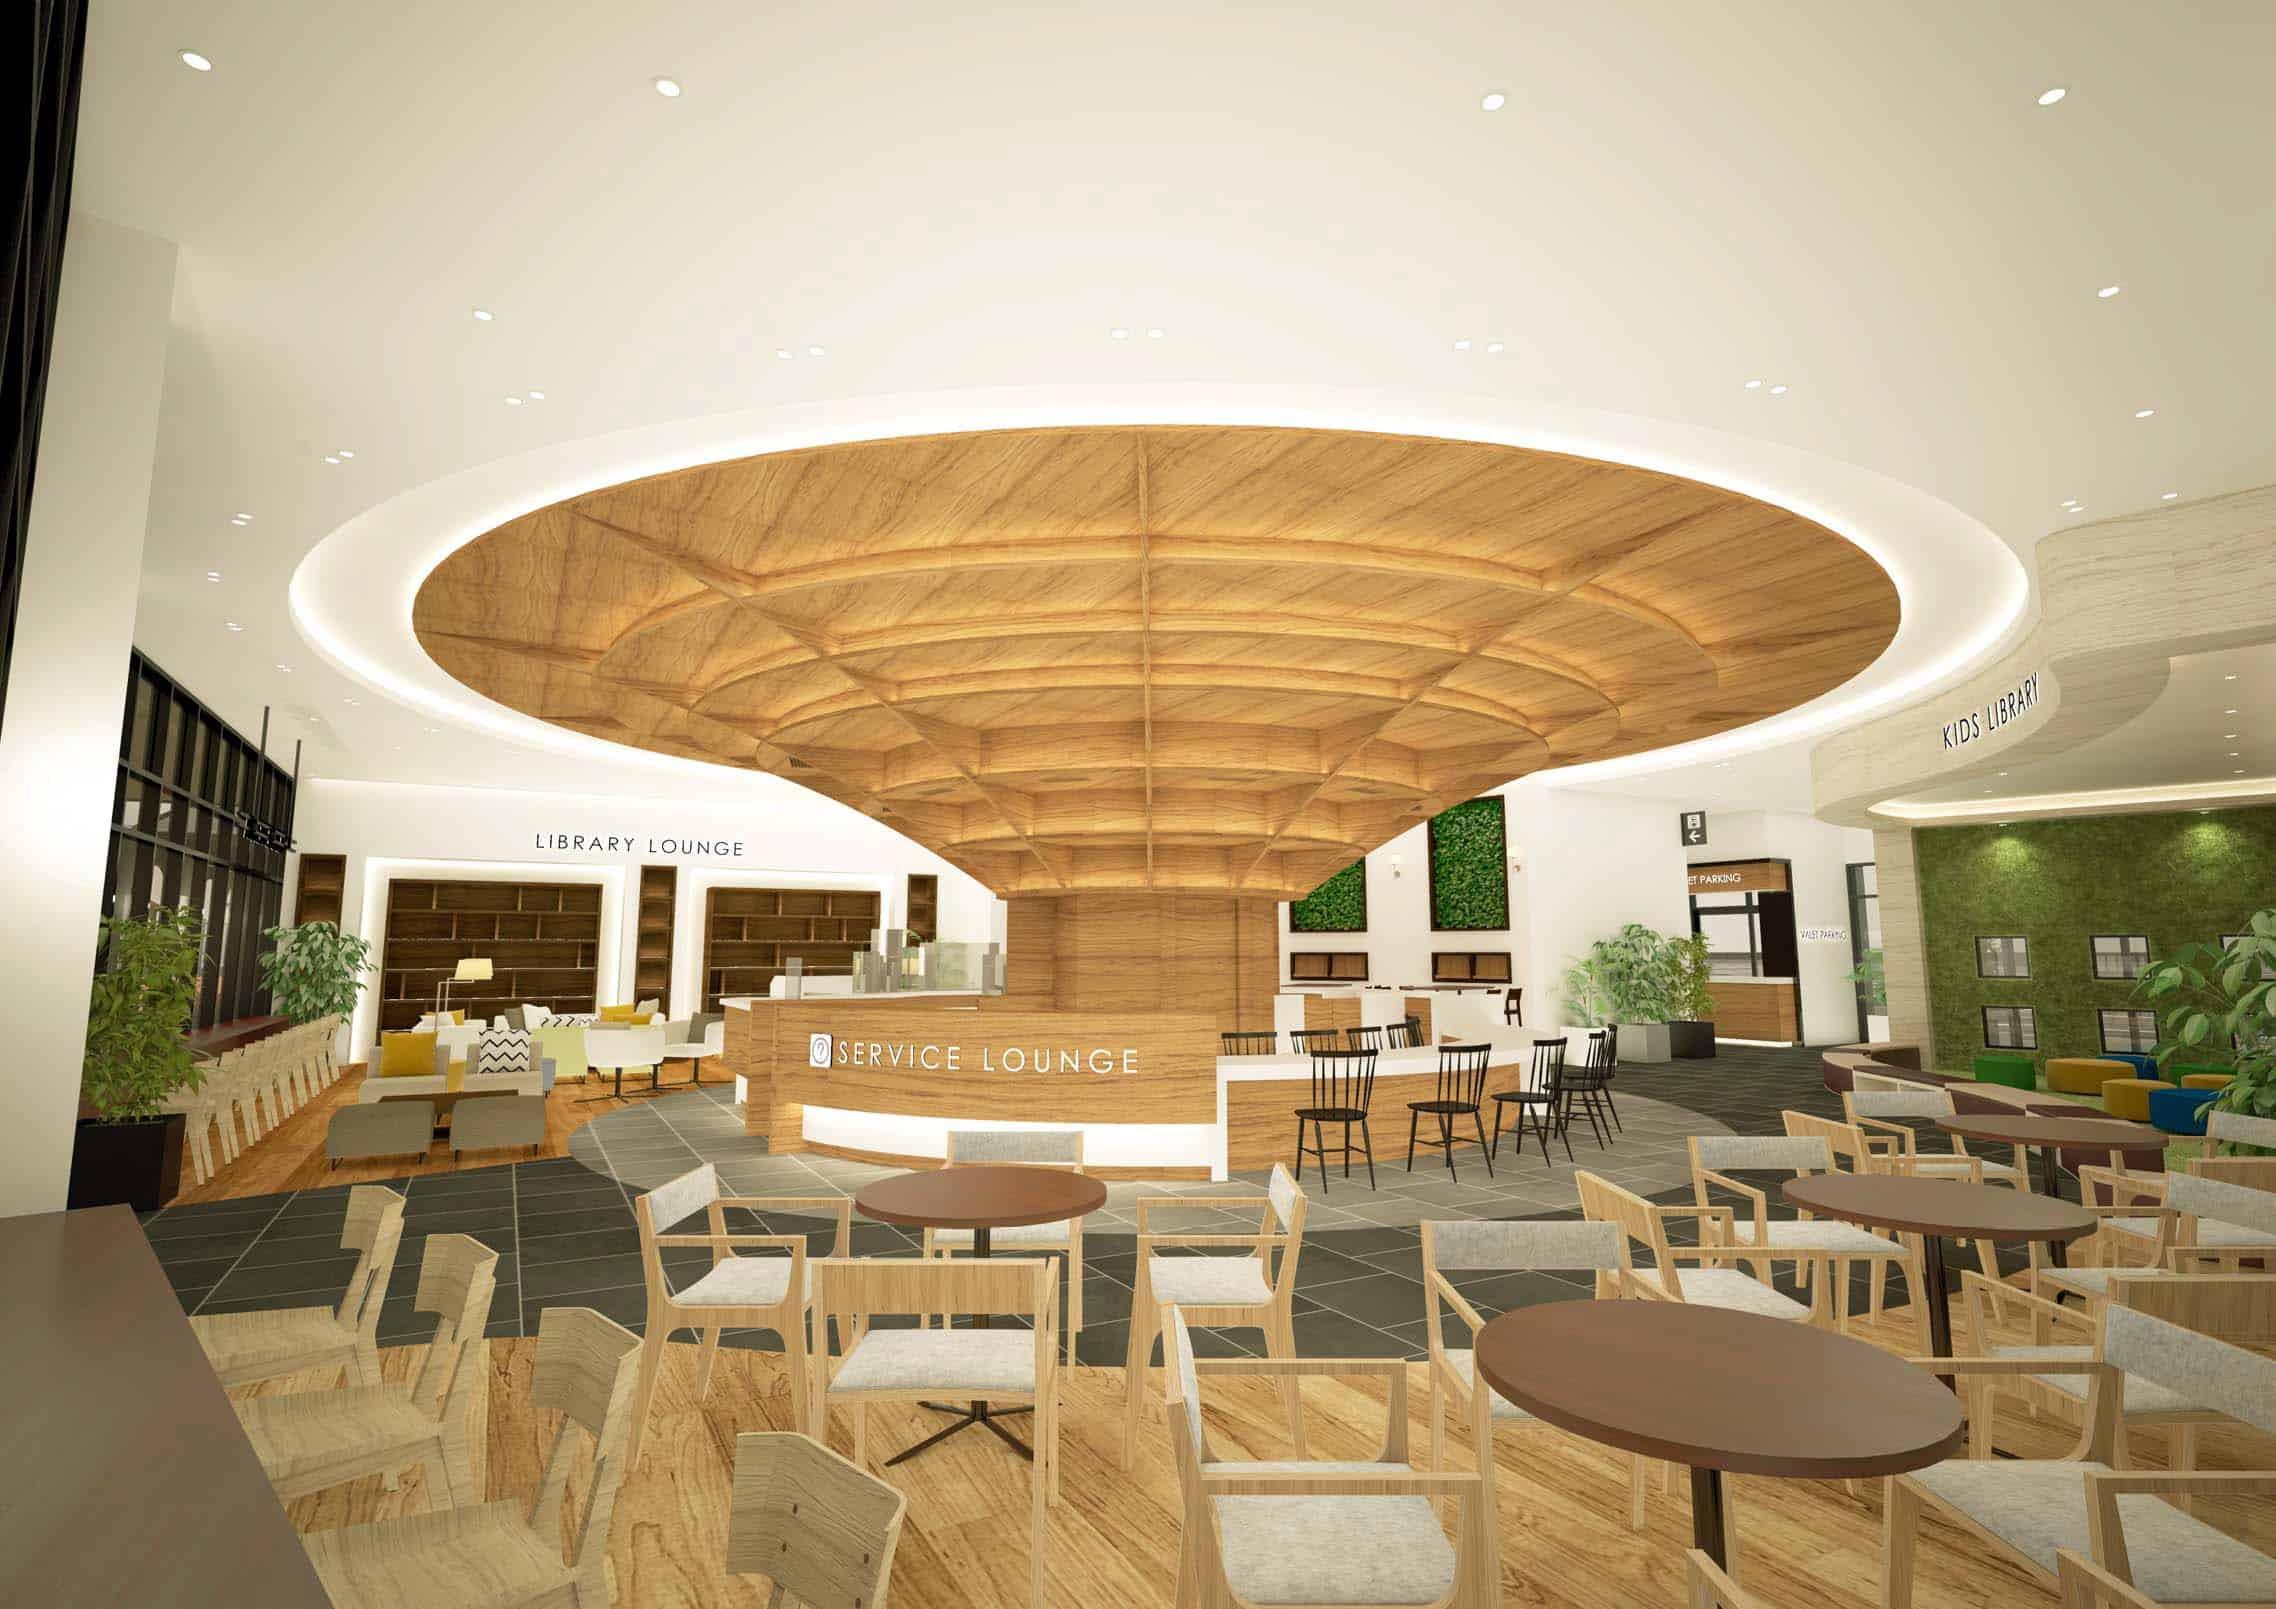 โซน Library Lounge และ Service Lounge ของศูนย์การค้า มิตซุย เอาท์เล็ท พาร์ค คิซาราสึ